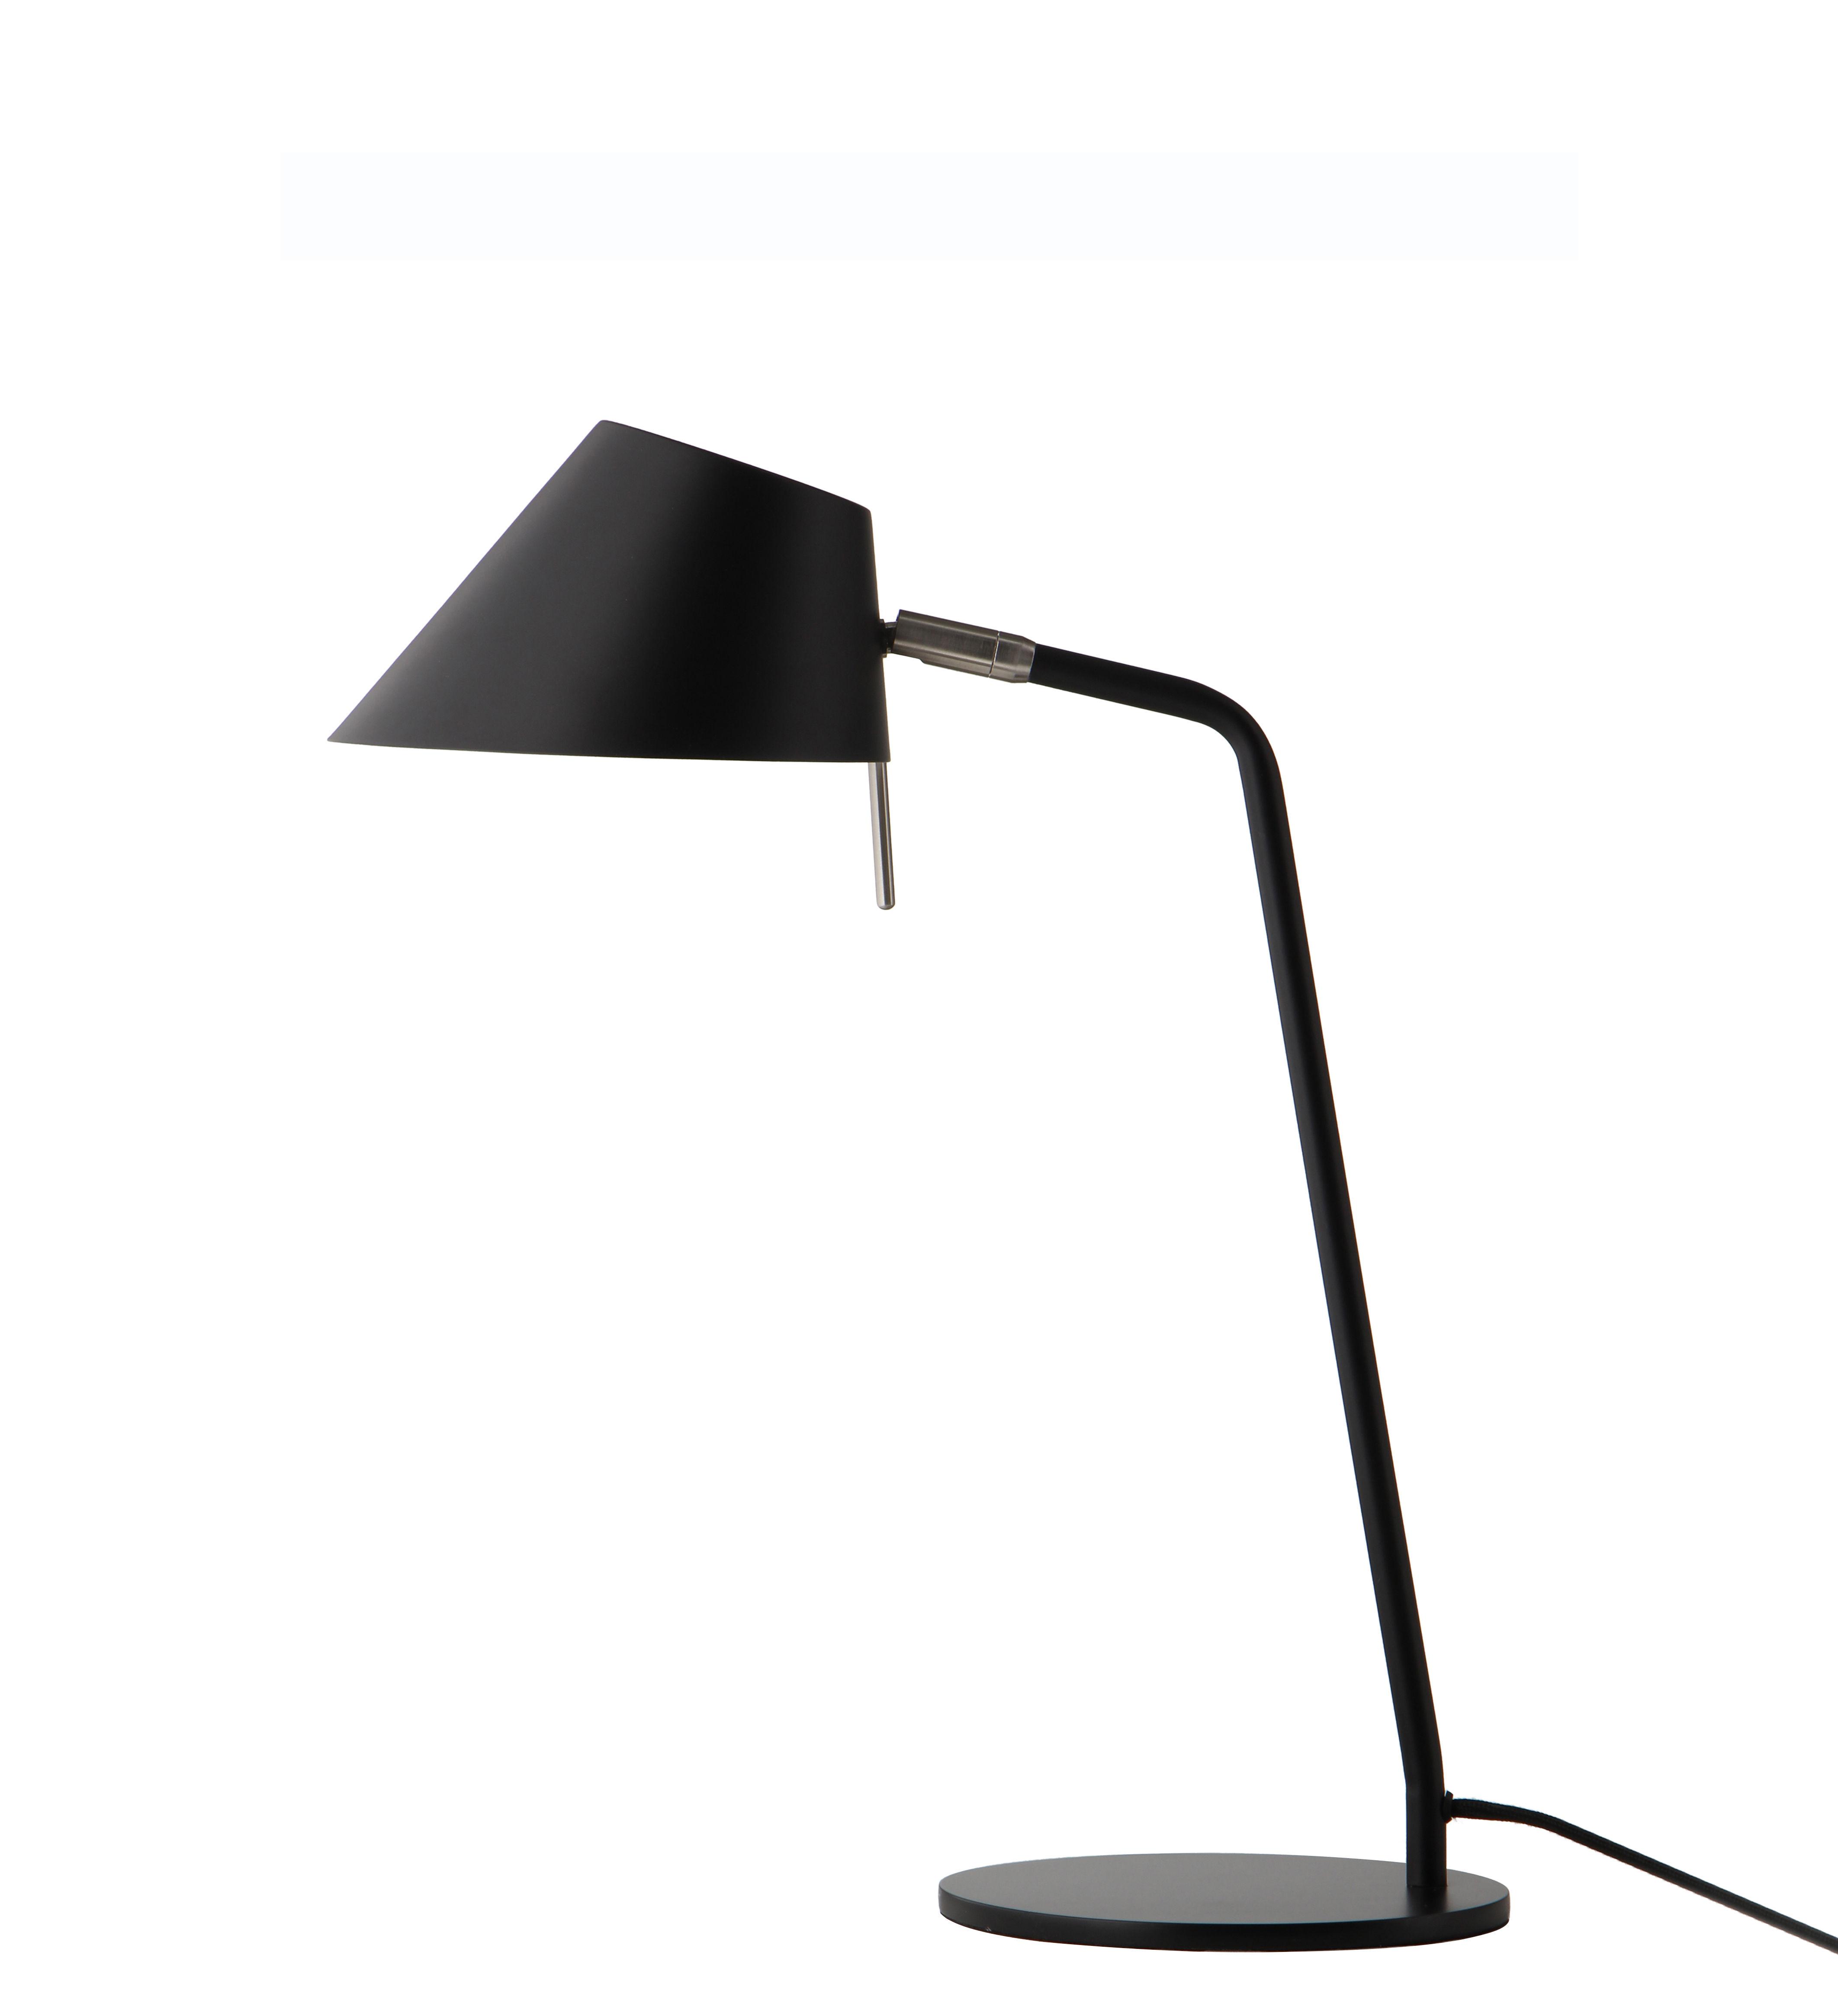 Illuminazione - Lampade da tavolo - Lampada da tavolo Office - / metallo - Orientabile di Frandsen - Nero - Metallo